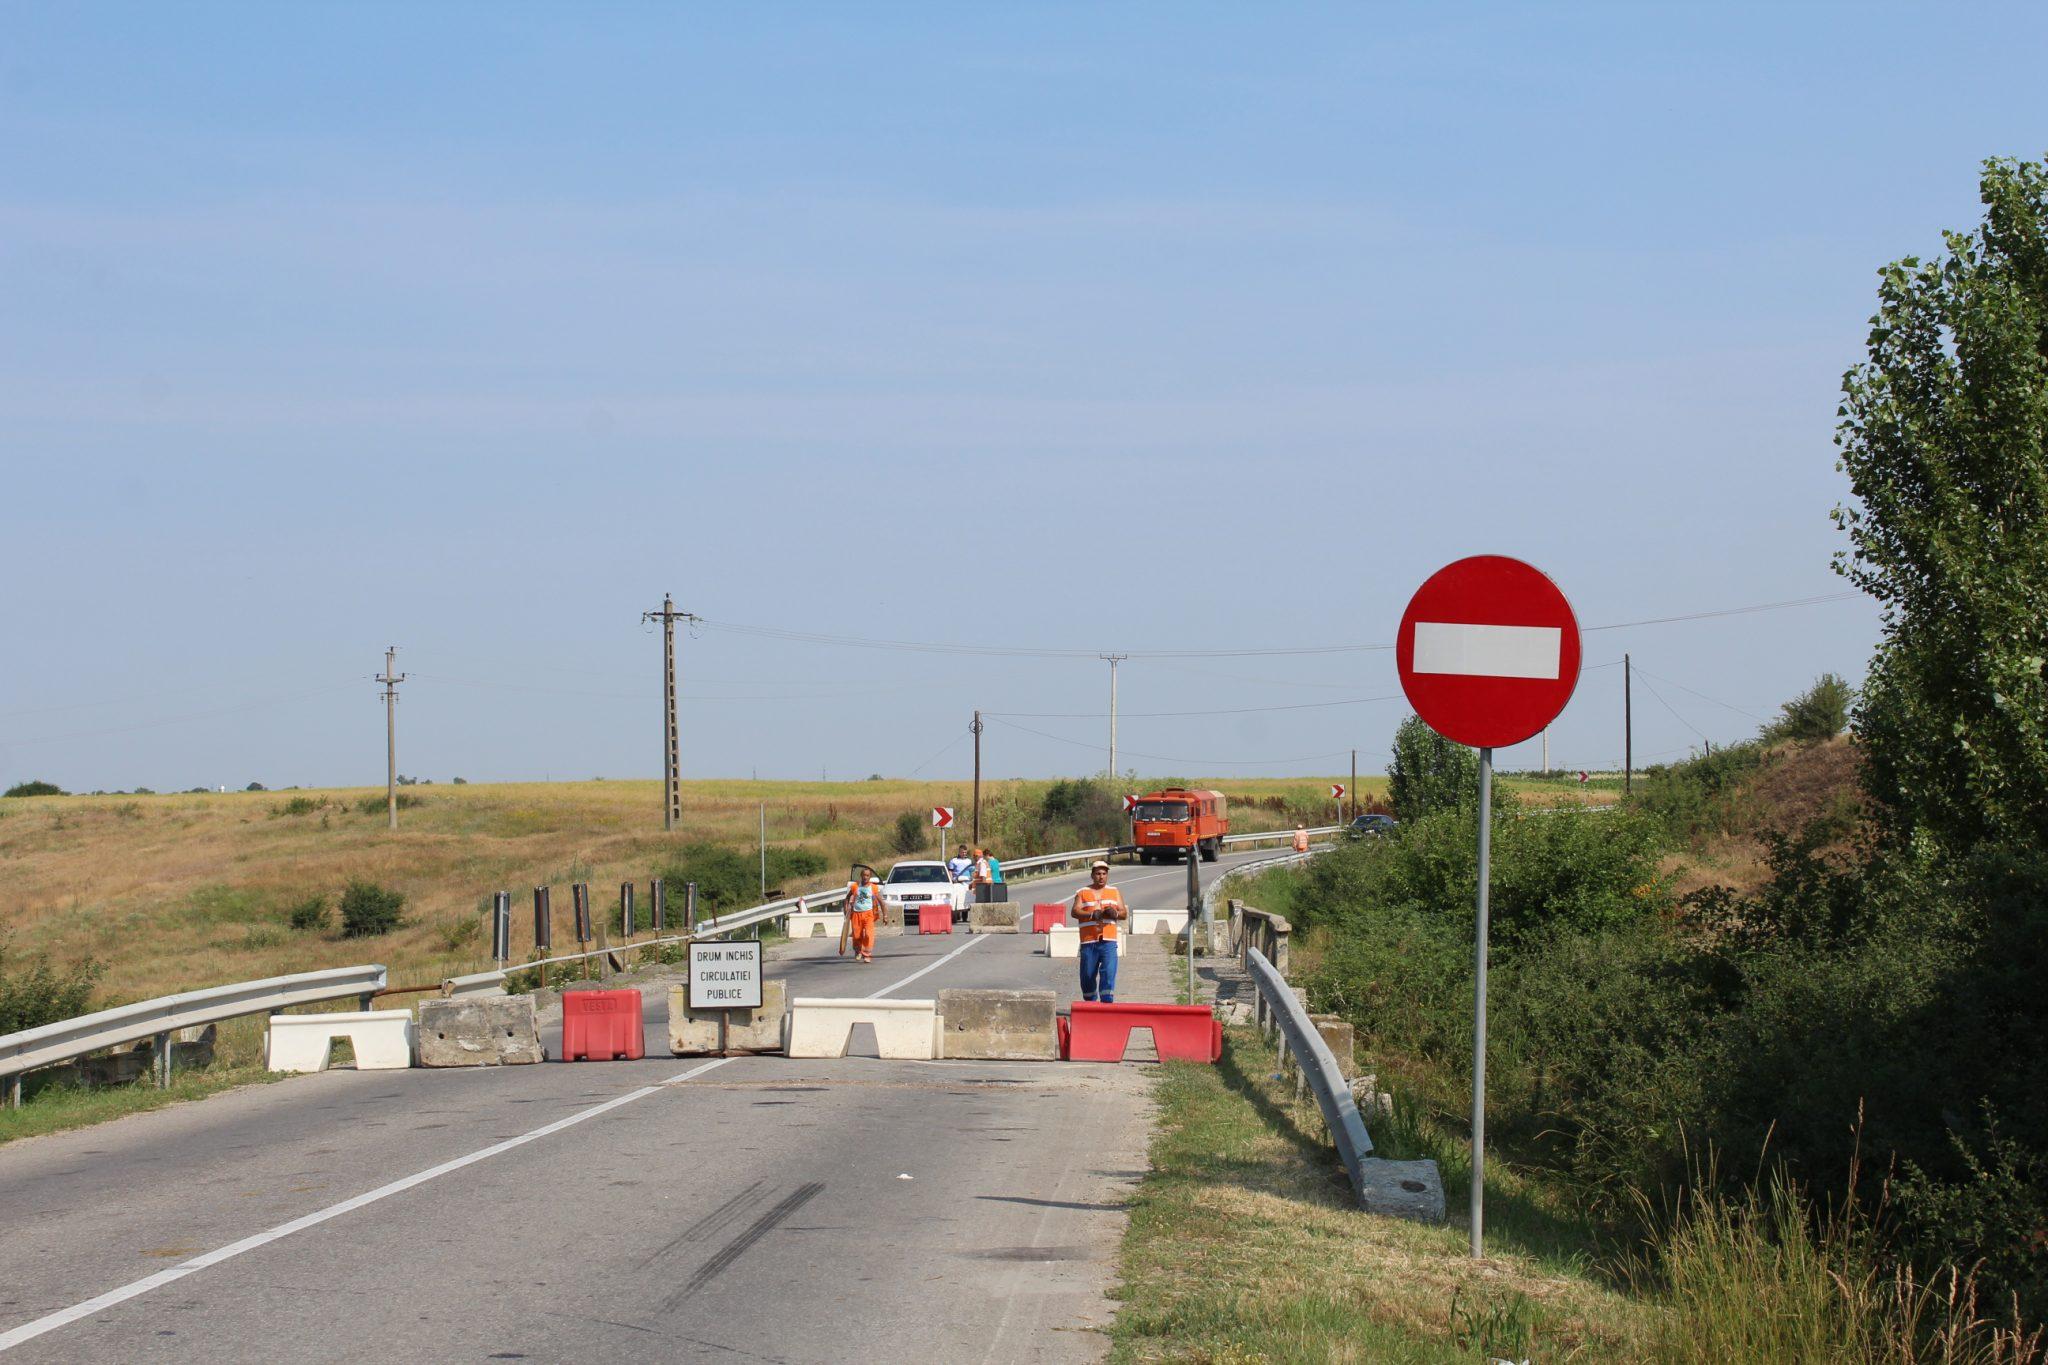 Construirea podului din cauza căruia este închis DN 64, scoasă la licitaţie